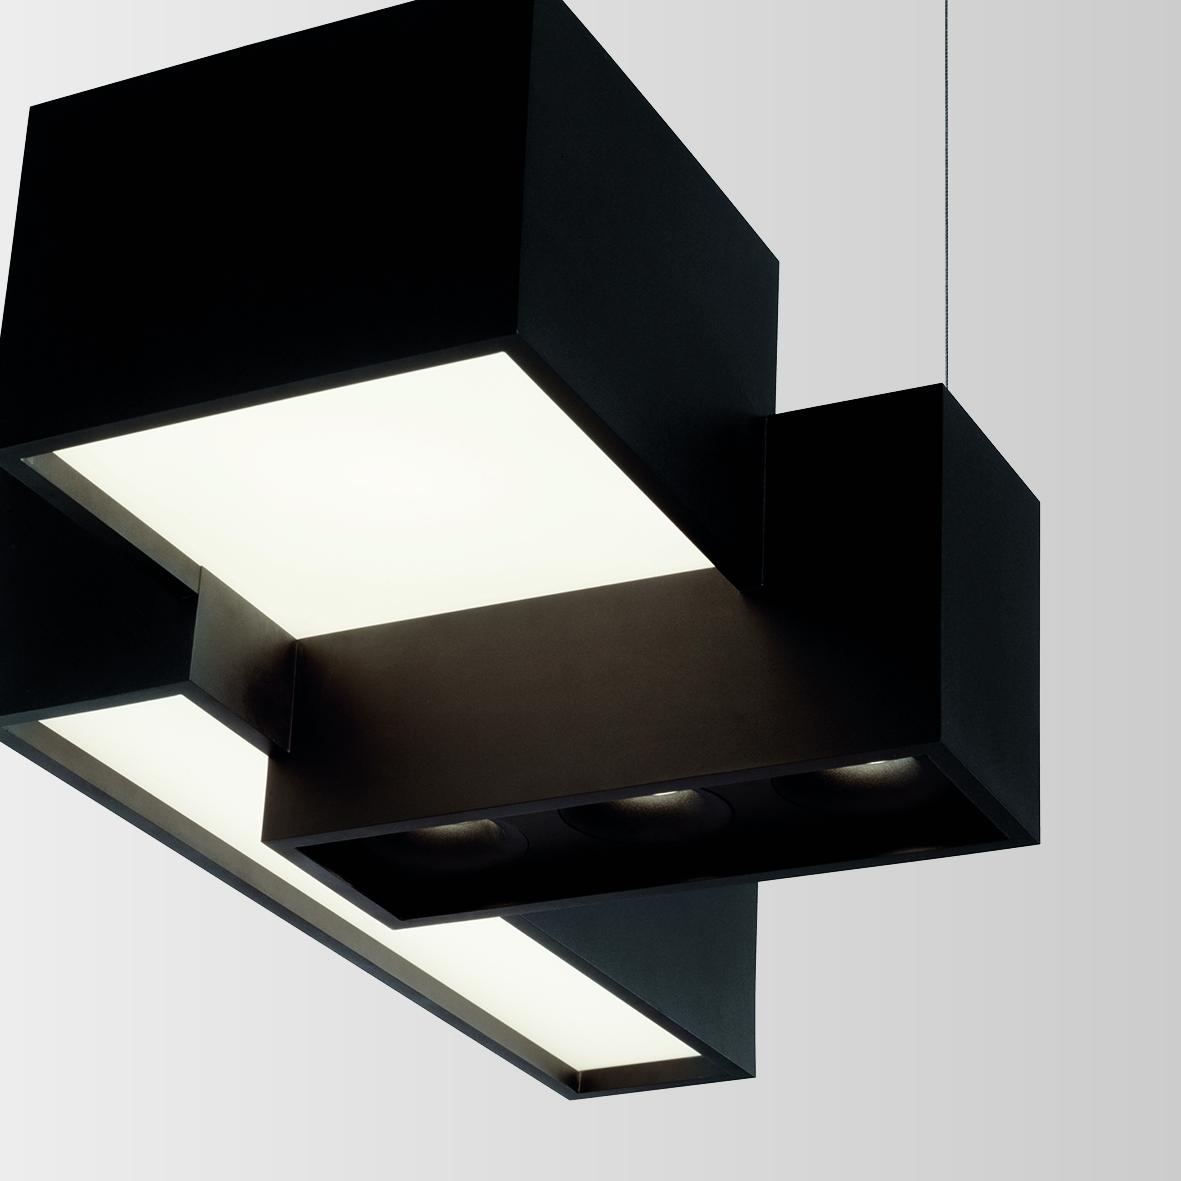 BEBOW 2.0 LED OPAL+SPOT DIM MUST 55W 3000K 80 220-240VAC, rippvalgusti